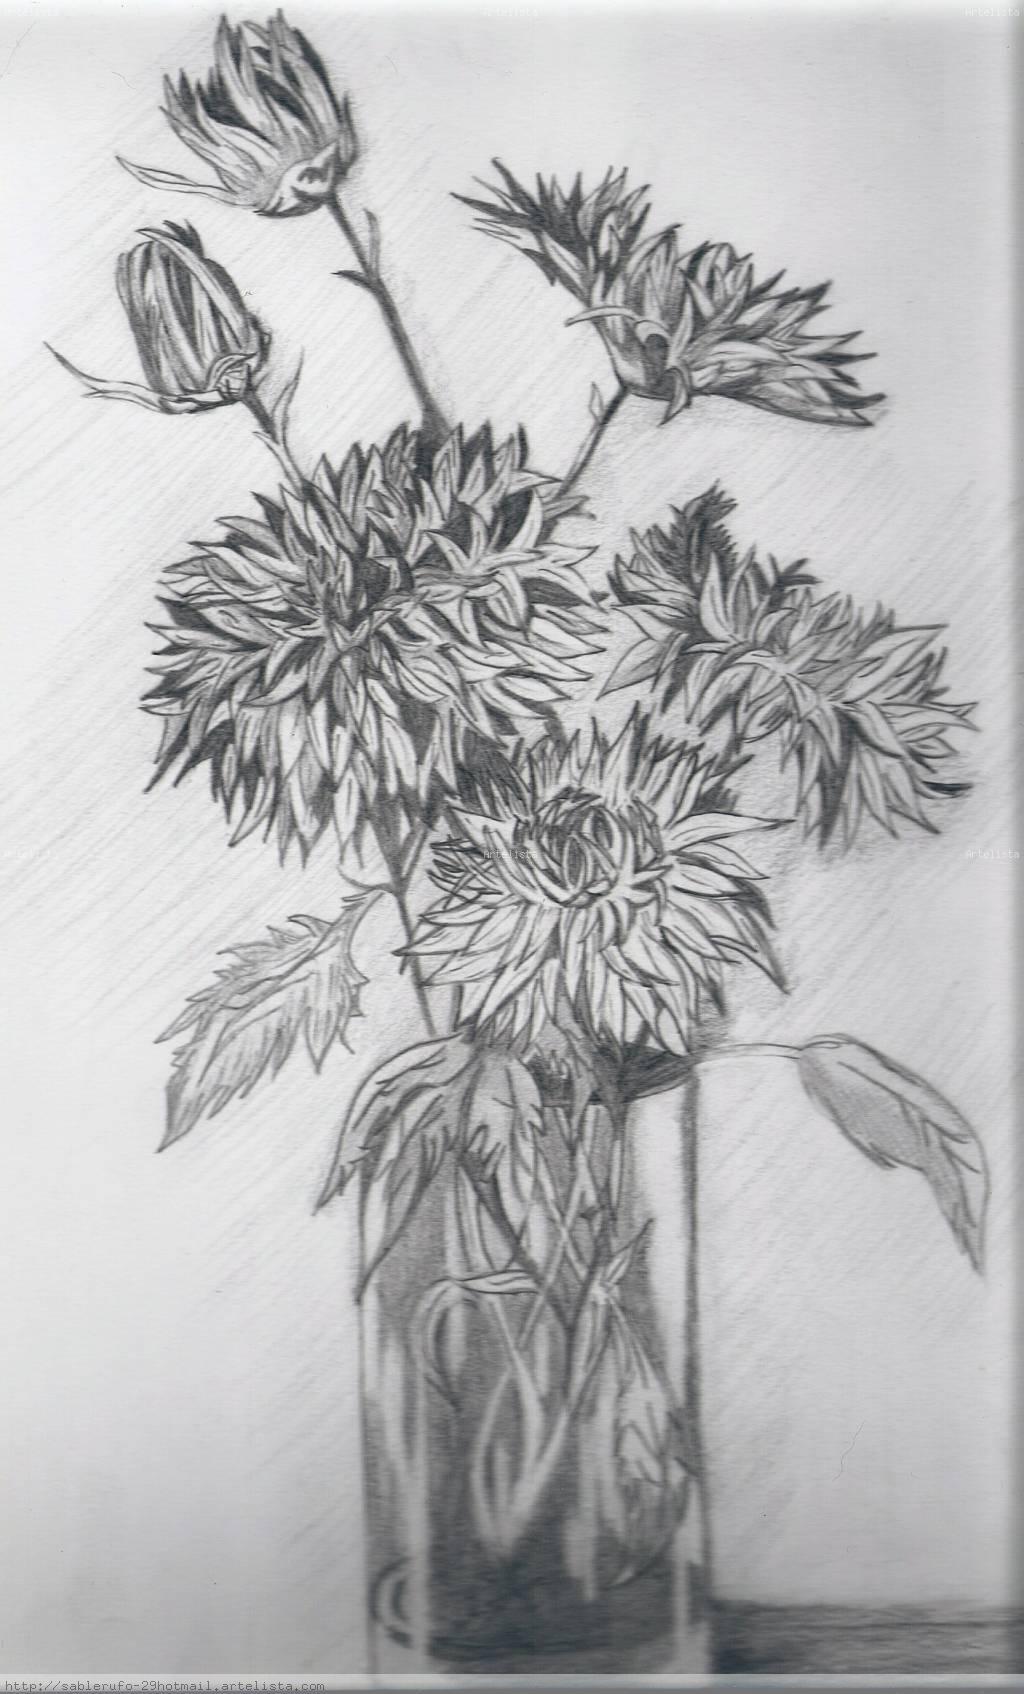 Imagenes Dibujos De Rosas A Lapiz